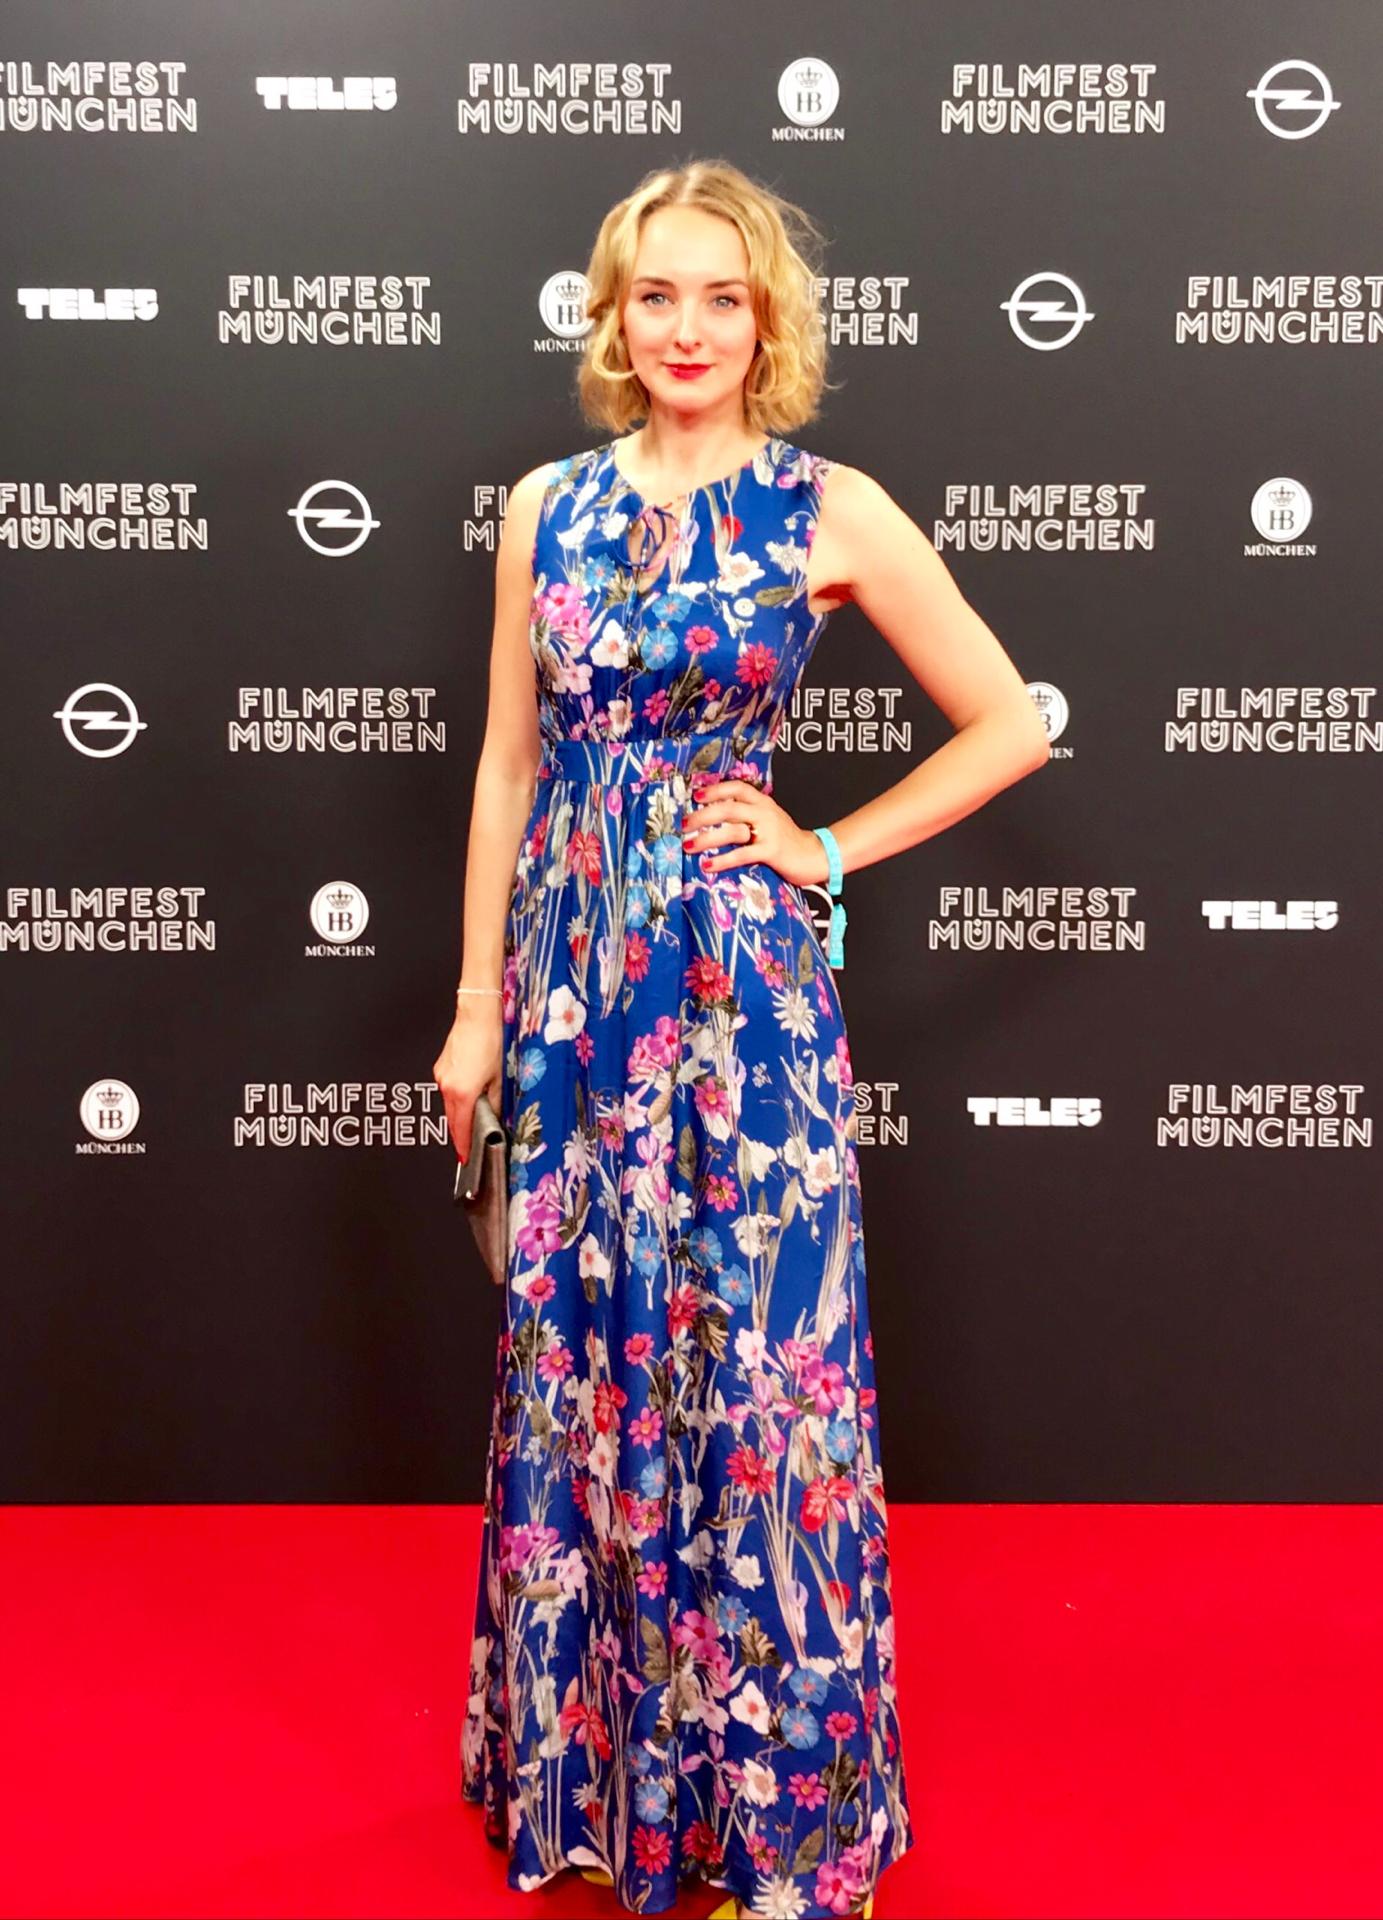 Anne-Catrin Märzke - Styling für die Opening Night 36. Filmfest München